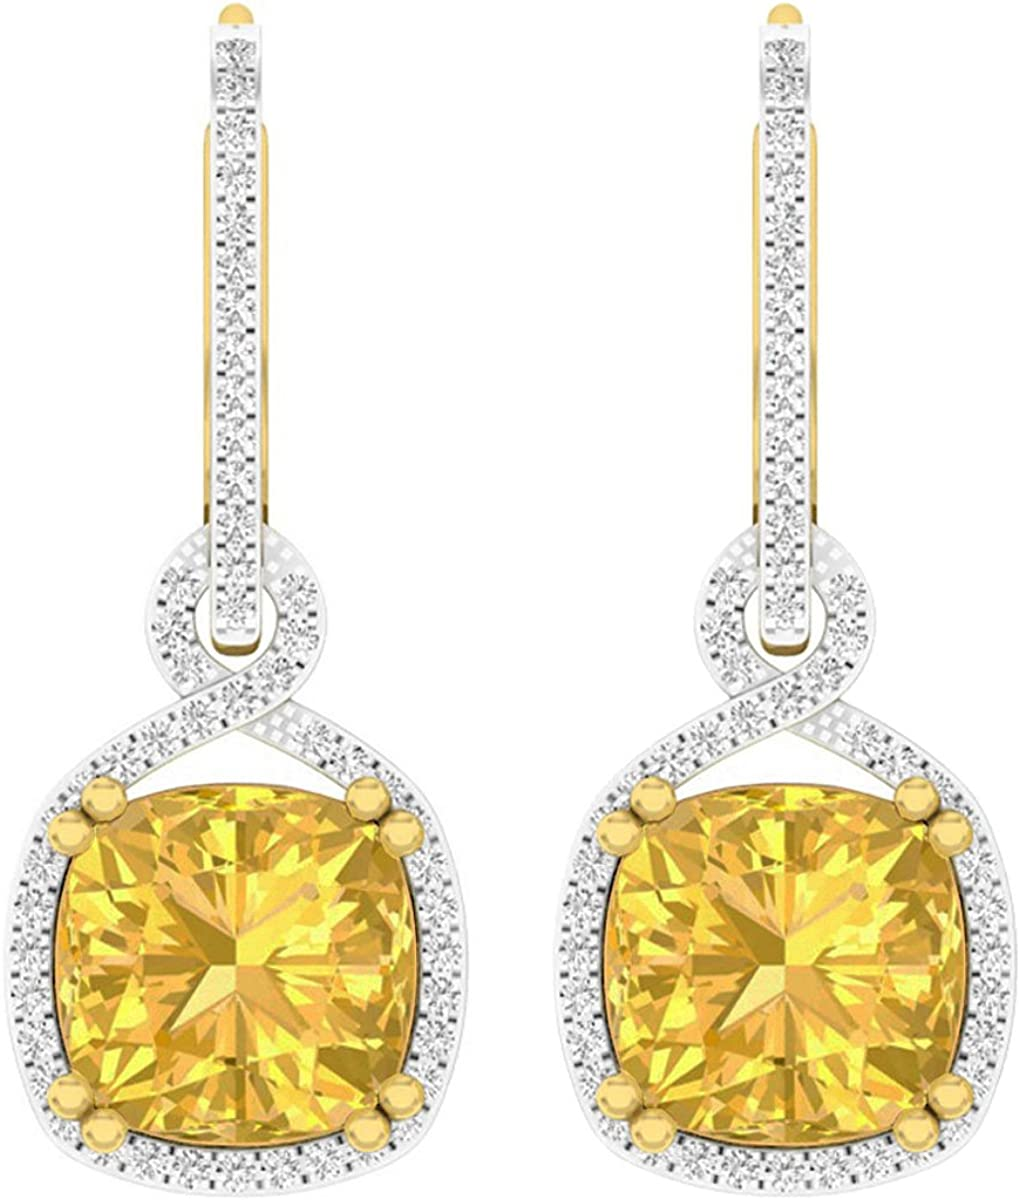 Pendientes colgantes de oro amarillo de 14 quilates, 10 mm, cada cojín con piedras preciosas y diamante redondo